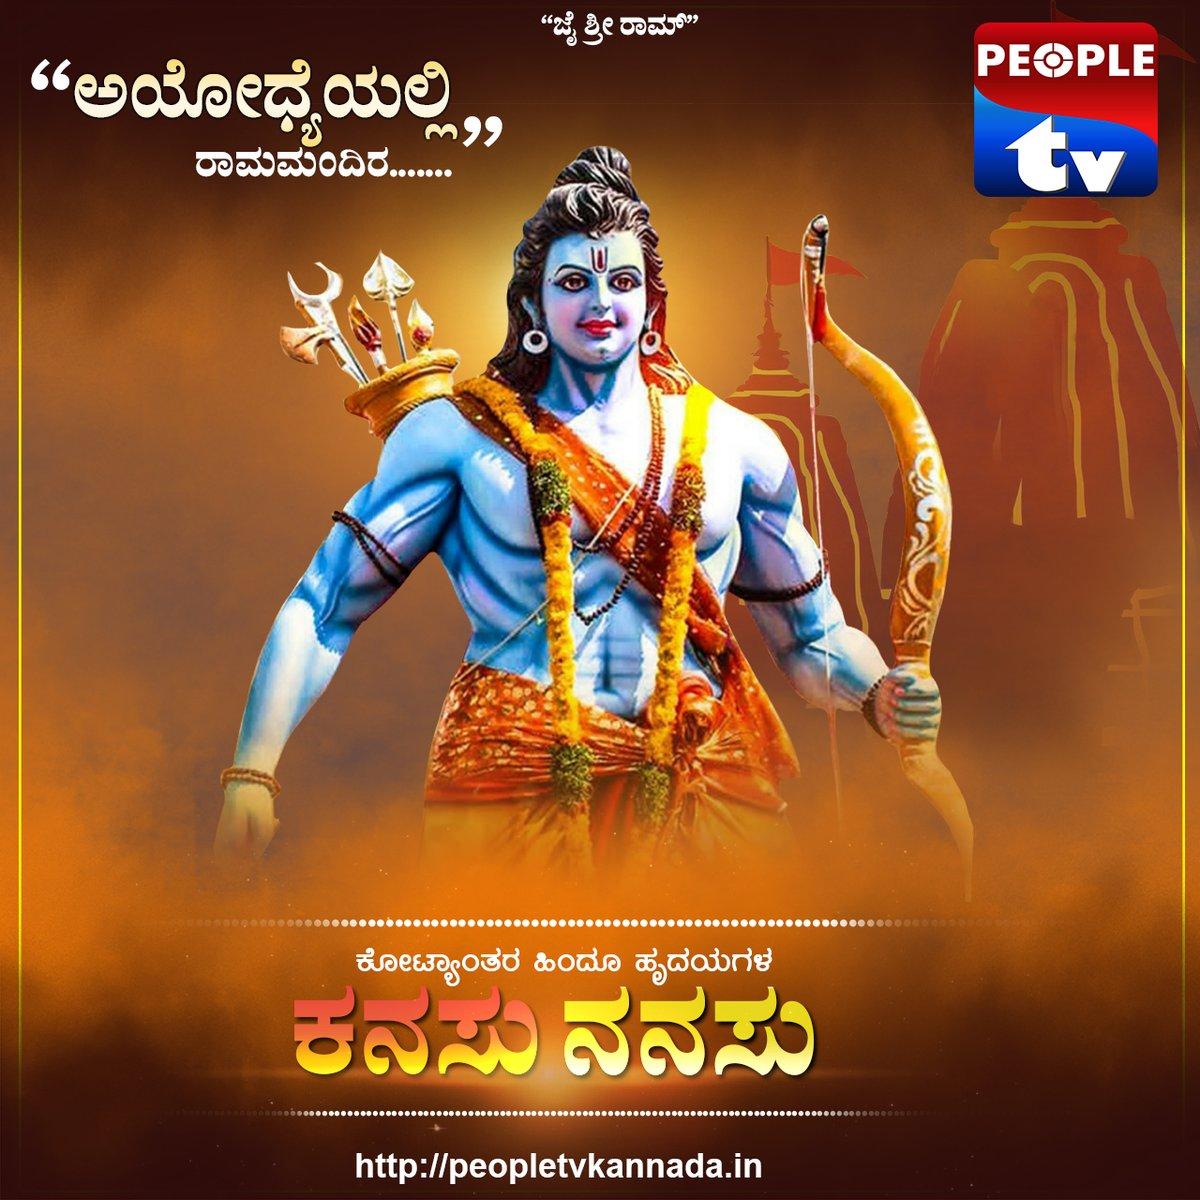 ಕೋಟ್ಯಾಂತರ ಹಿಂದೂ ಹೃದಯಗಳ ಕನಸು ನನಸು #PeopletvKannada #peopletvLive #peopletv #KannadaNewsChannel #LatestNews #LatestKannadaNews #Kannada #News #Karnataka  PeopleTv Live TV | PeopleTv Kannada| Kannada News | Latest News | Breaking NEWS| Clarity News | News 24x7pic.twitter.com/dSH7Hy56Y3